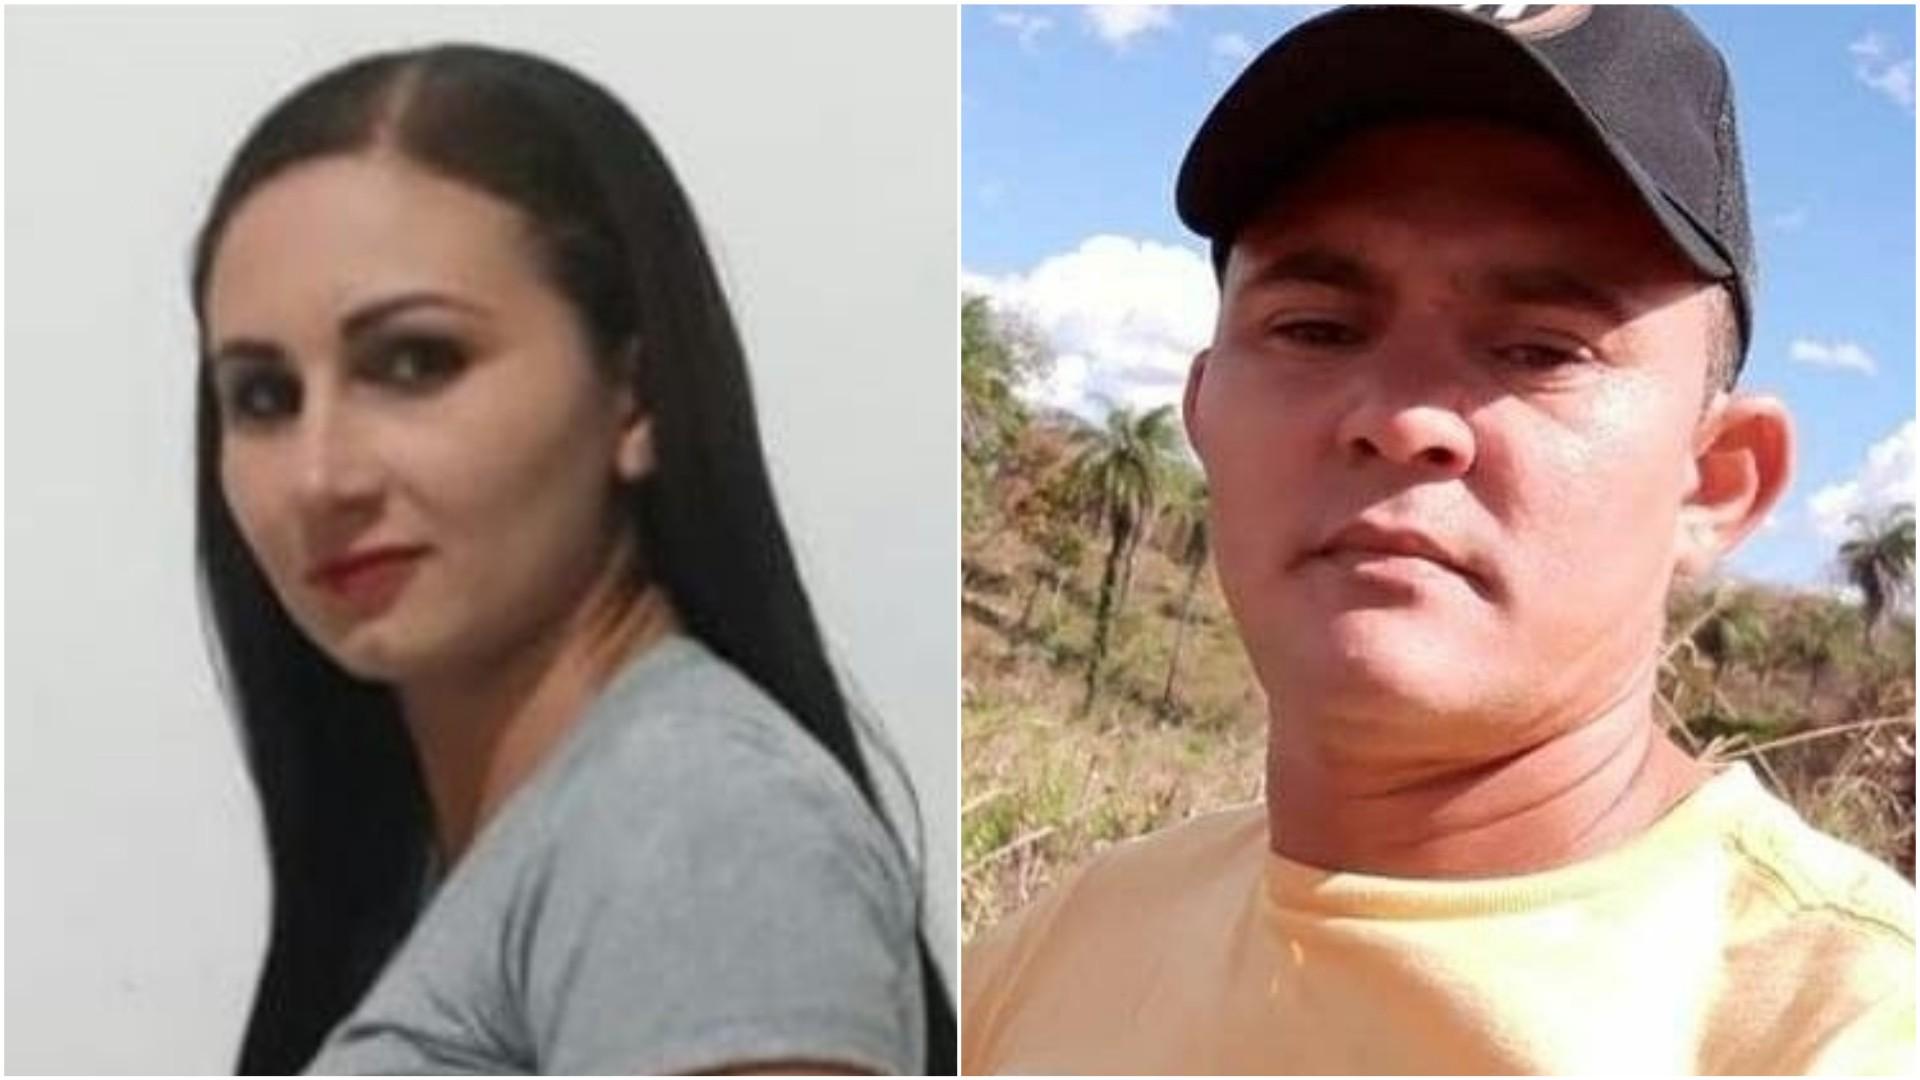 Polícia investiga assassinato de mãe na frente do filho em Estreito, no MA - Notícias - Plantão Diário